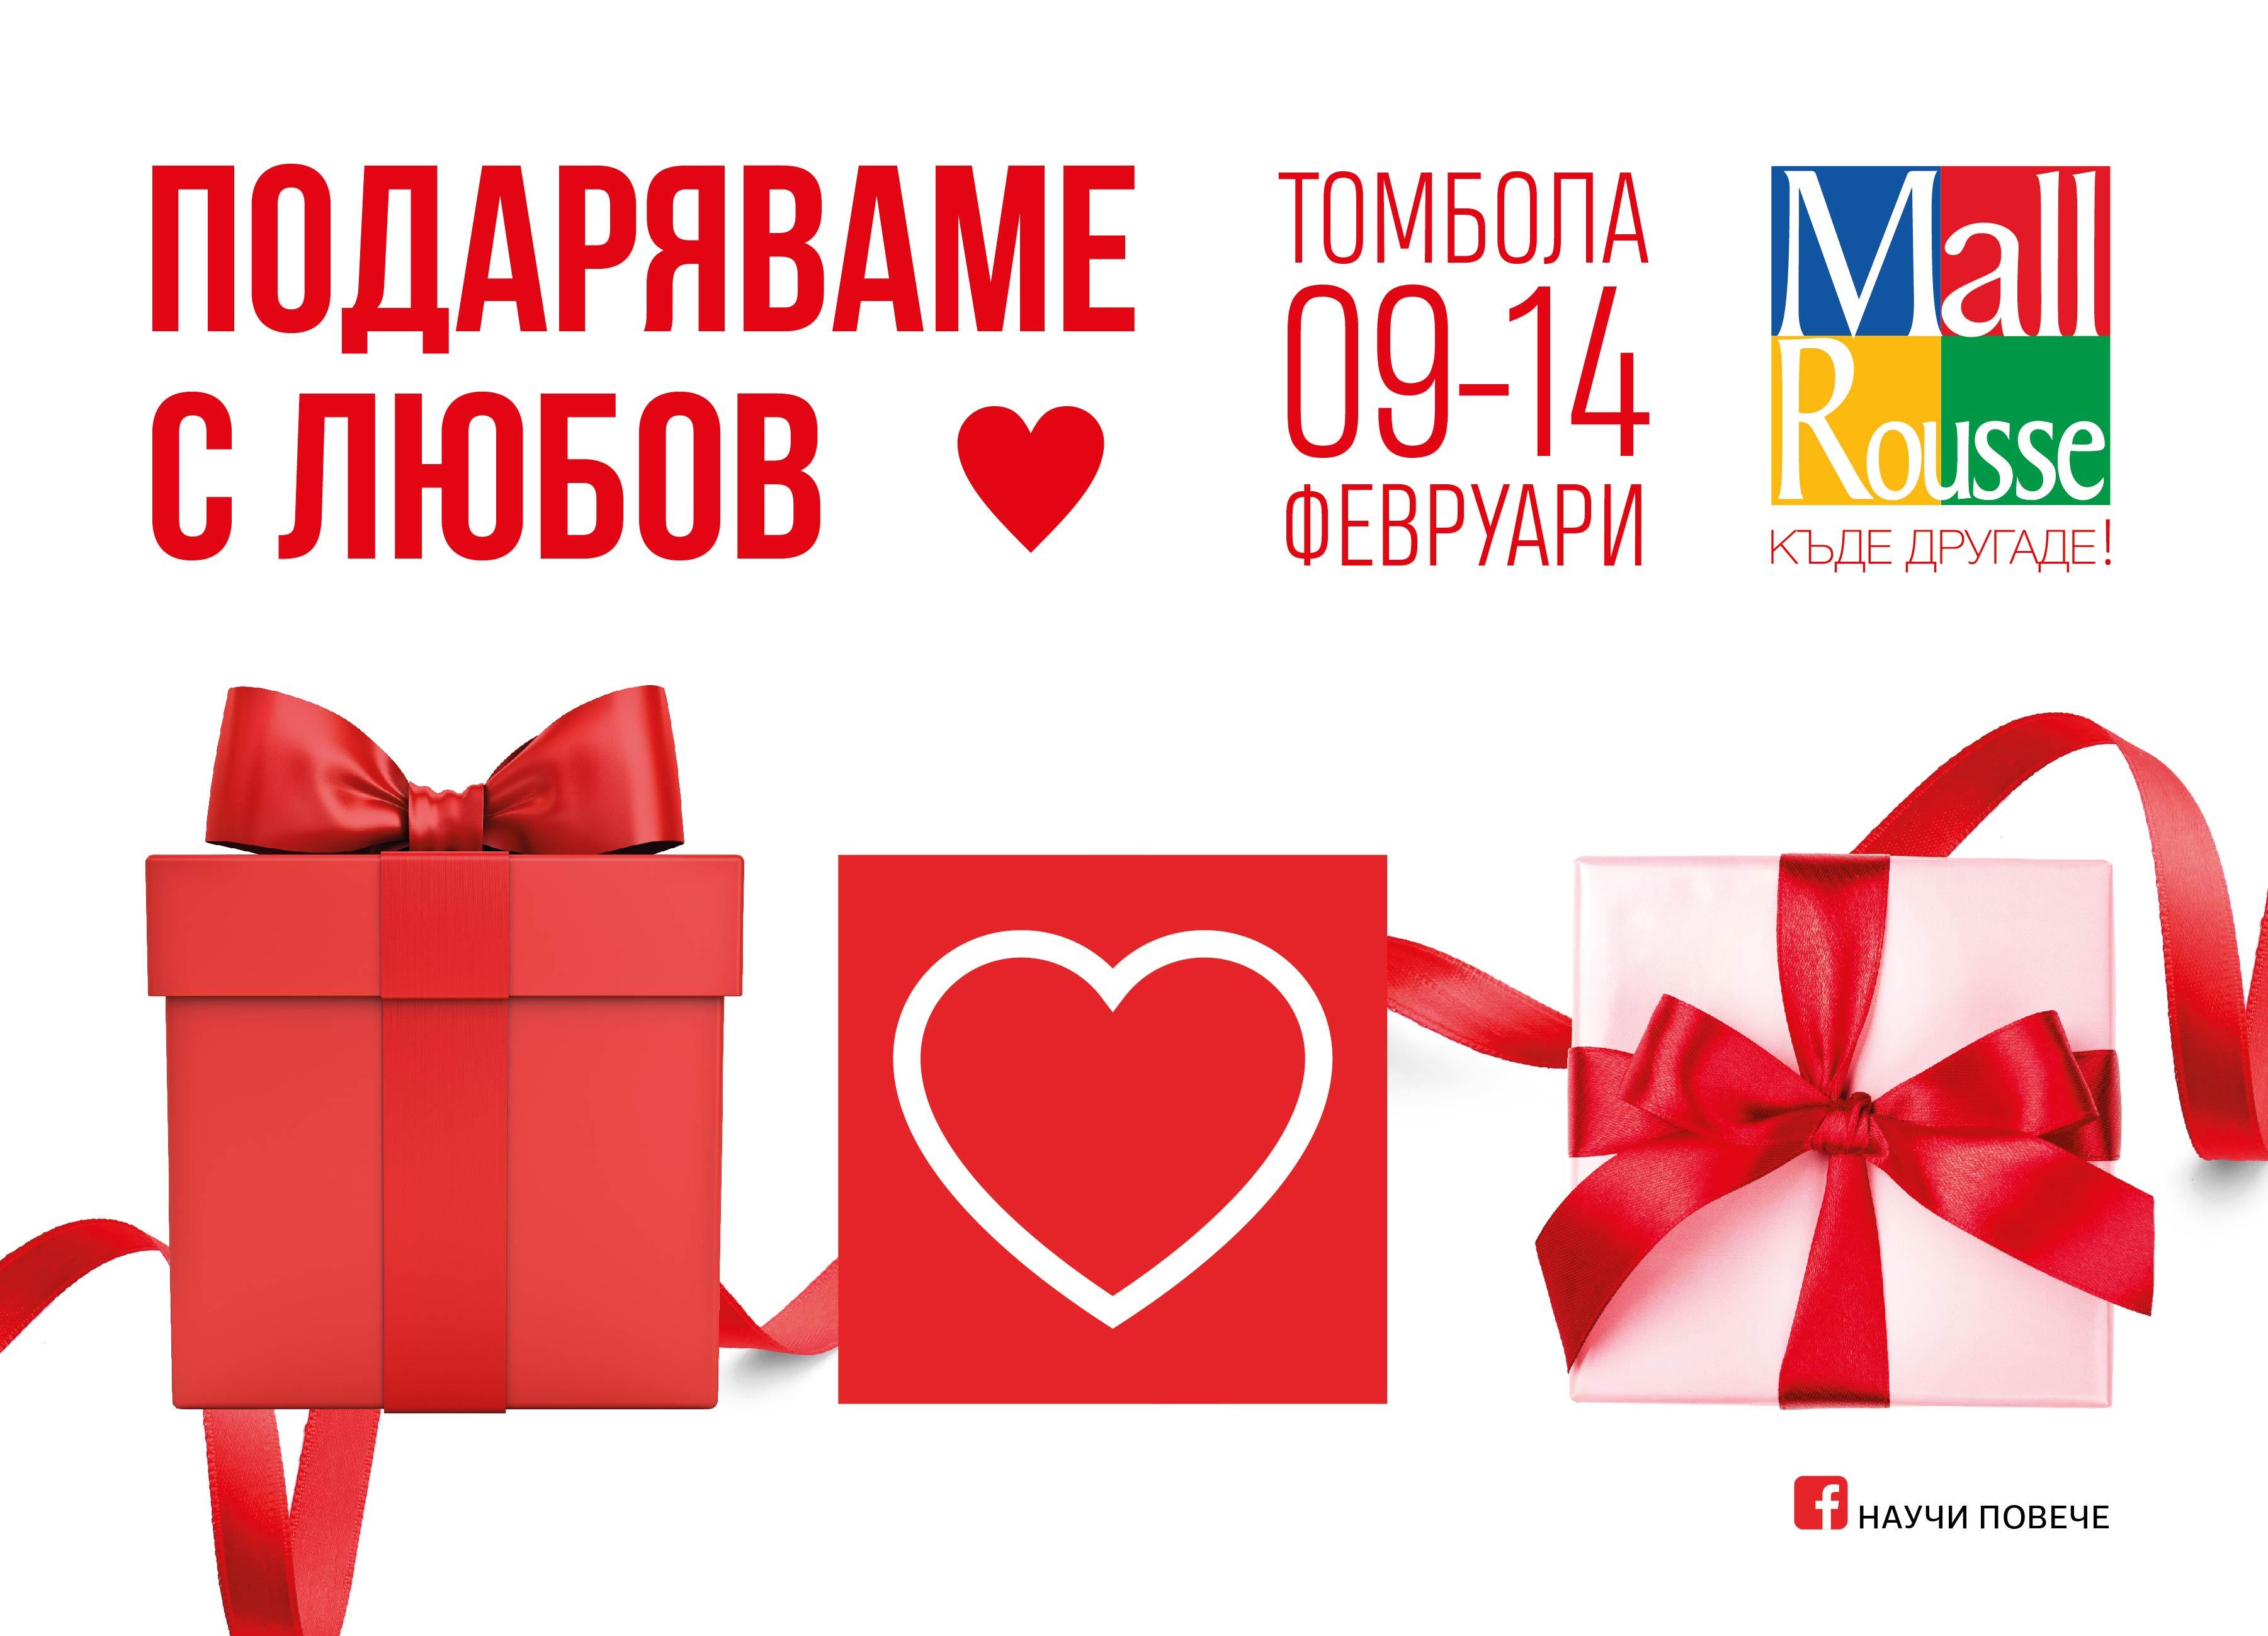 Photo of Mall Rousse подарява любов на 14-ти февруари